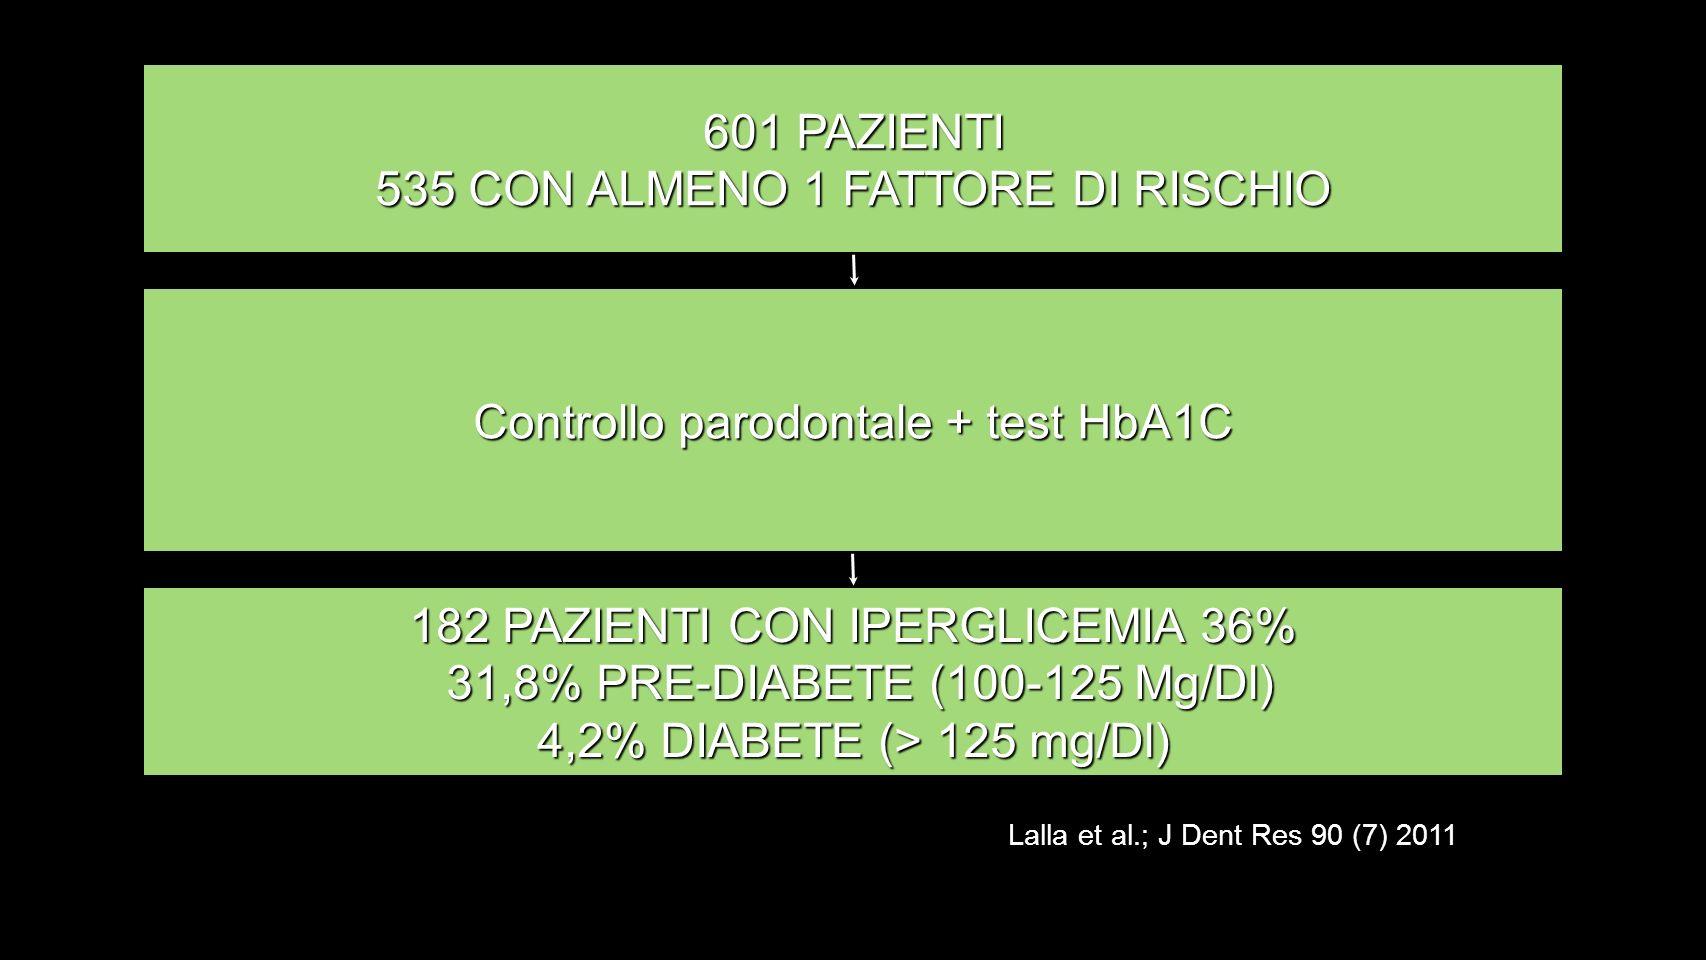 601 PAZIENTI 535 CON ALMENO 1 FATTORE DI RISCHIO Controllo parodontale + test HbA1C 182 PAZIENTI CON IPERGLICEMIA 36% 31,8% PRE-DIABETE (100-125 Mg/Dl) 31,8% PRE-DIABETE (100-125 Mg/Dl) 4,2% DIABETE (> 125 mg/Dl) Lalla et al.; J Dent Res 90 (7) 2011